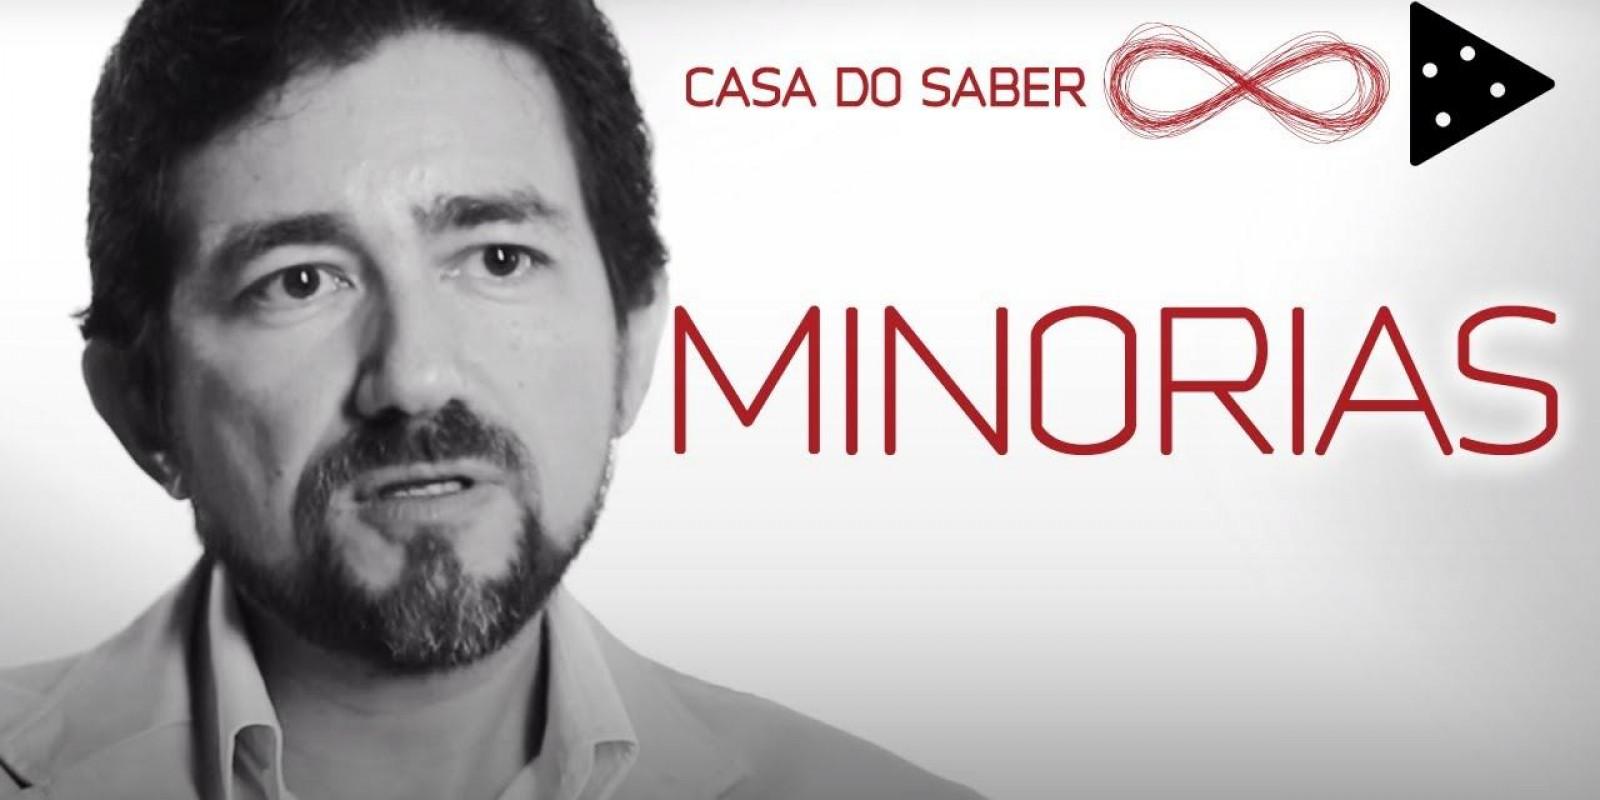 Quais são os direitos das minorias? | Gilberto Rodrigues